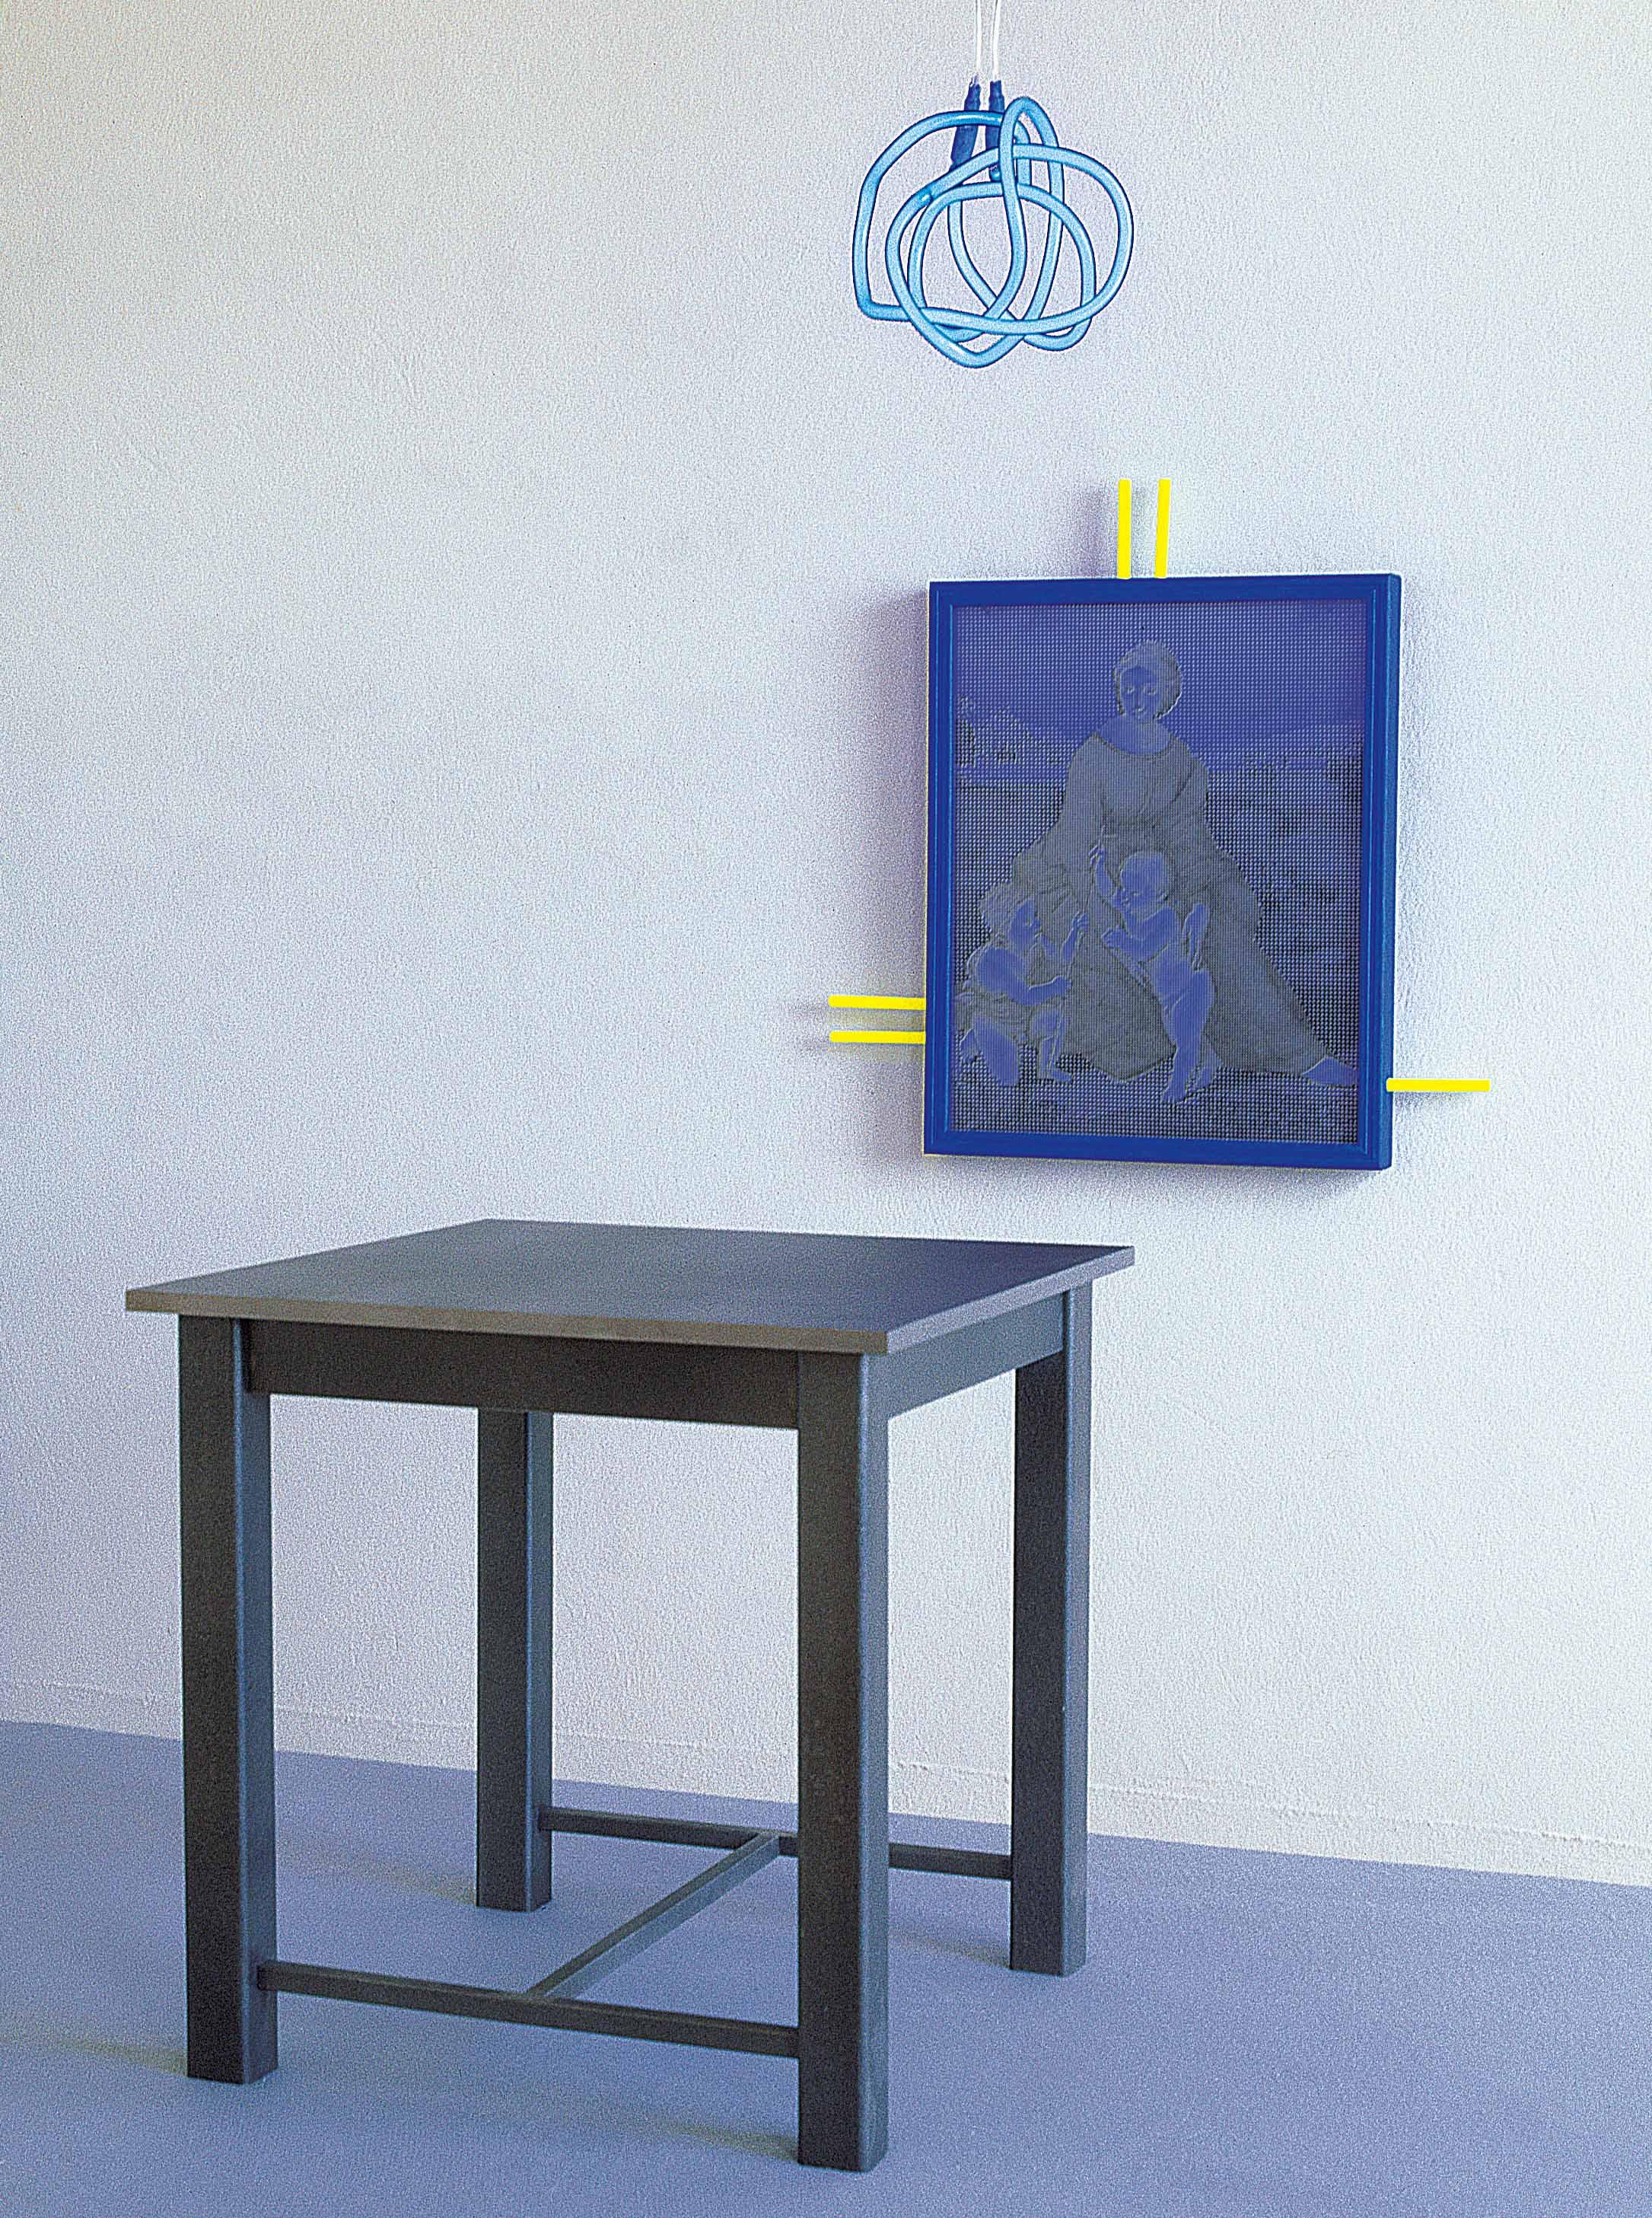 železen stol (45 x 45 x 45 cm), sitotisk na les, neonska cev, 1997